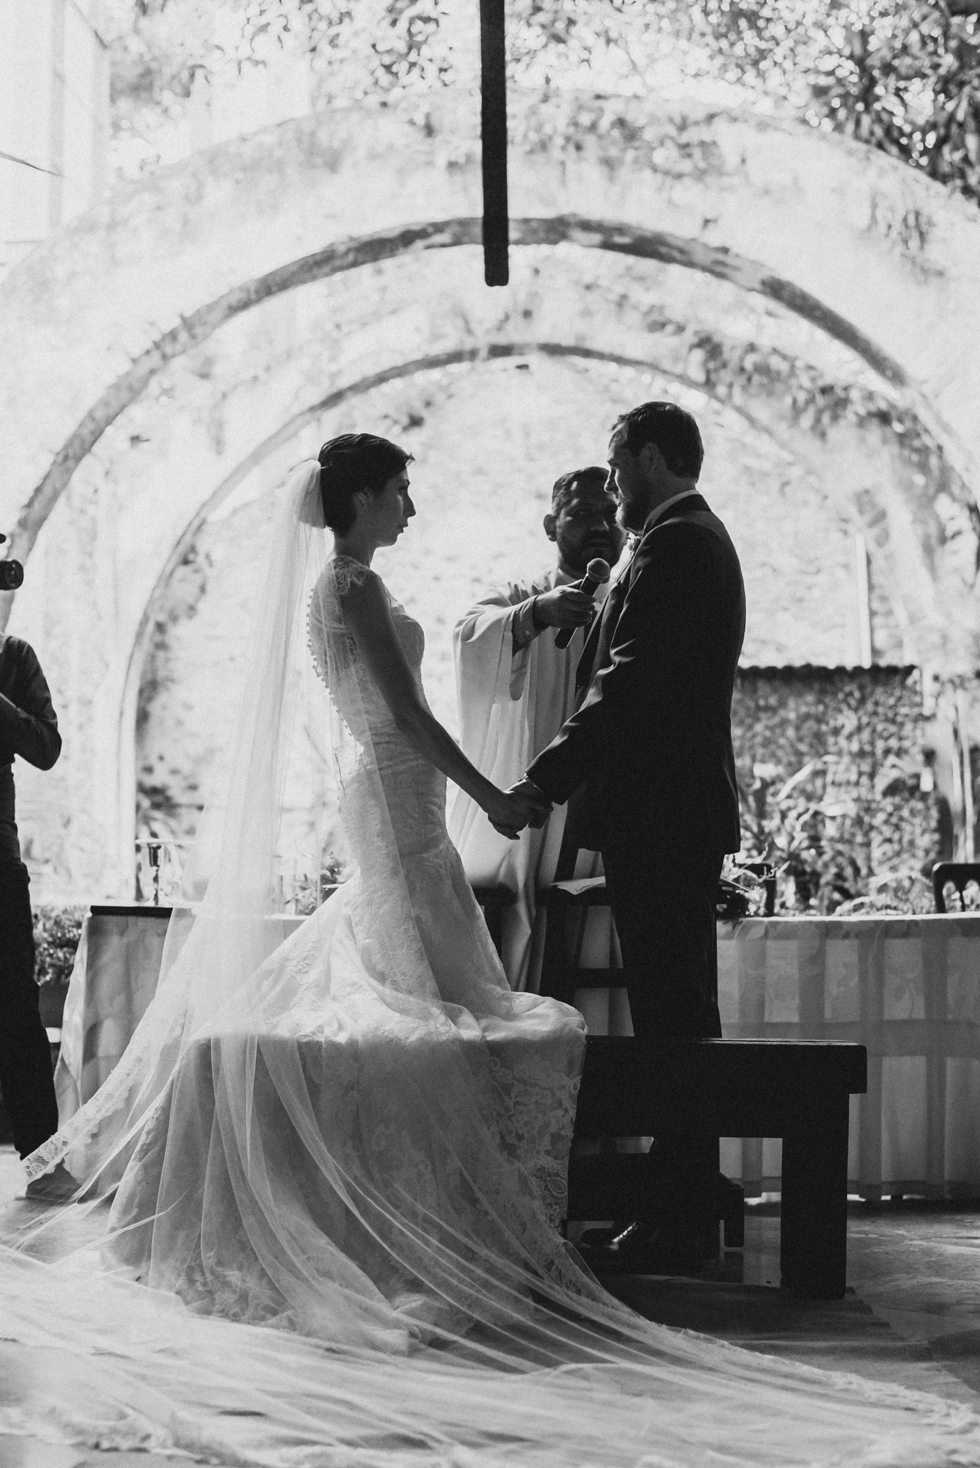 weddingdreams-fotografos_profesionales_de_bodas_1364.jpg